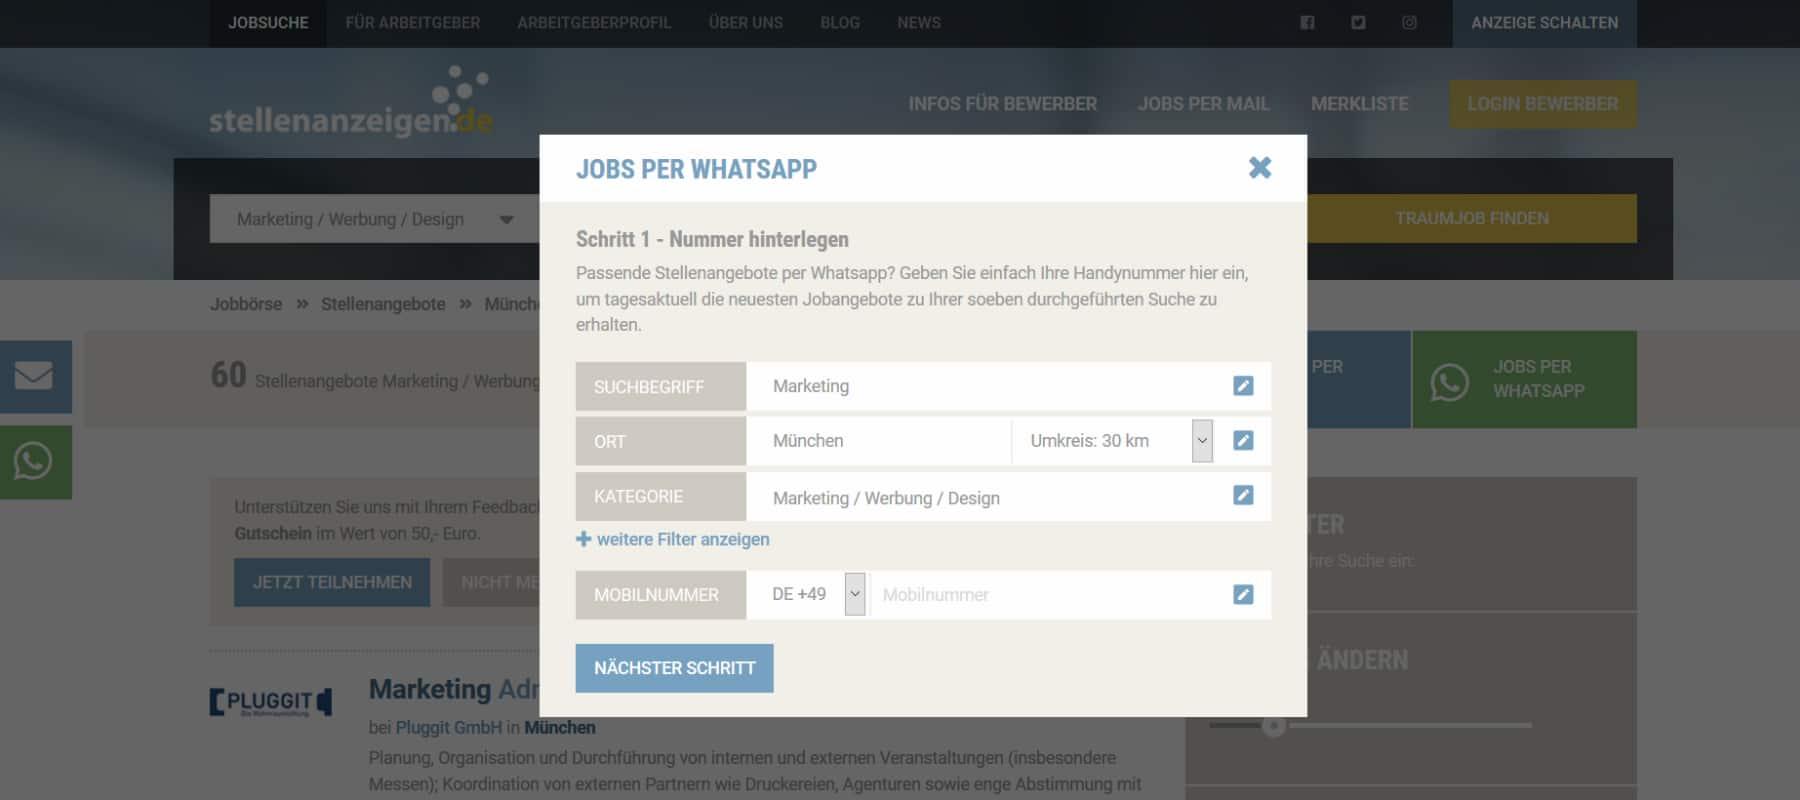 Jobs per WhatsApp von stellenanzeigen.de: Telefonnummer hinterlegen